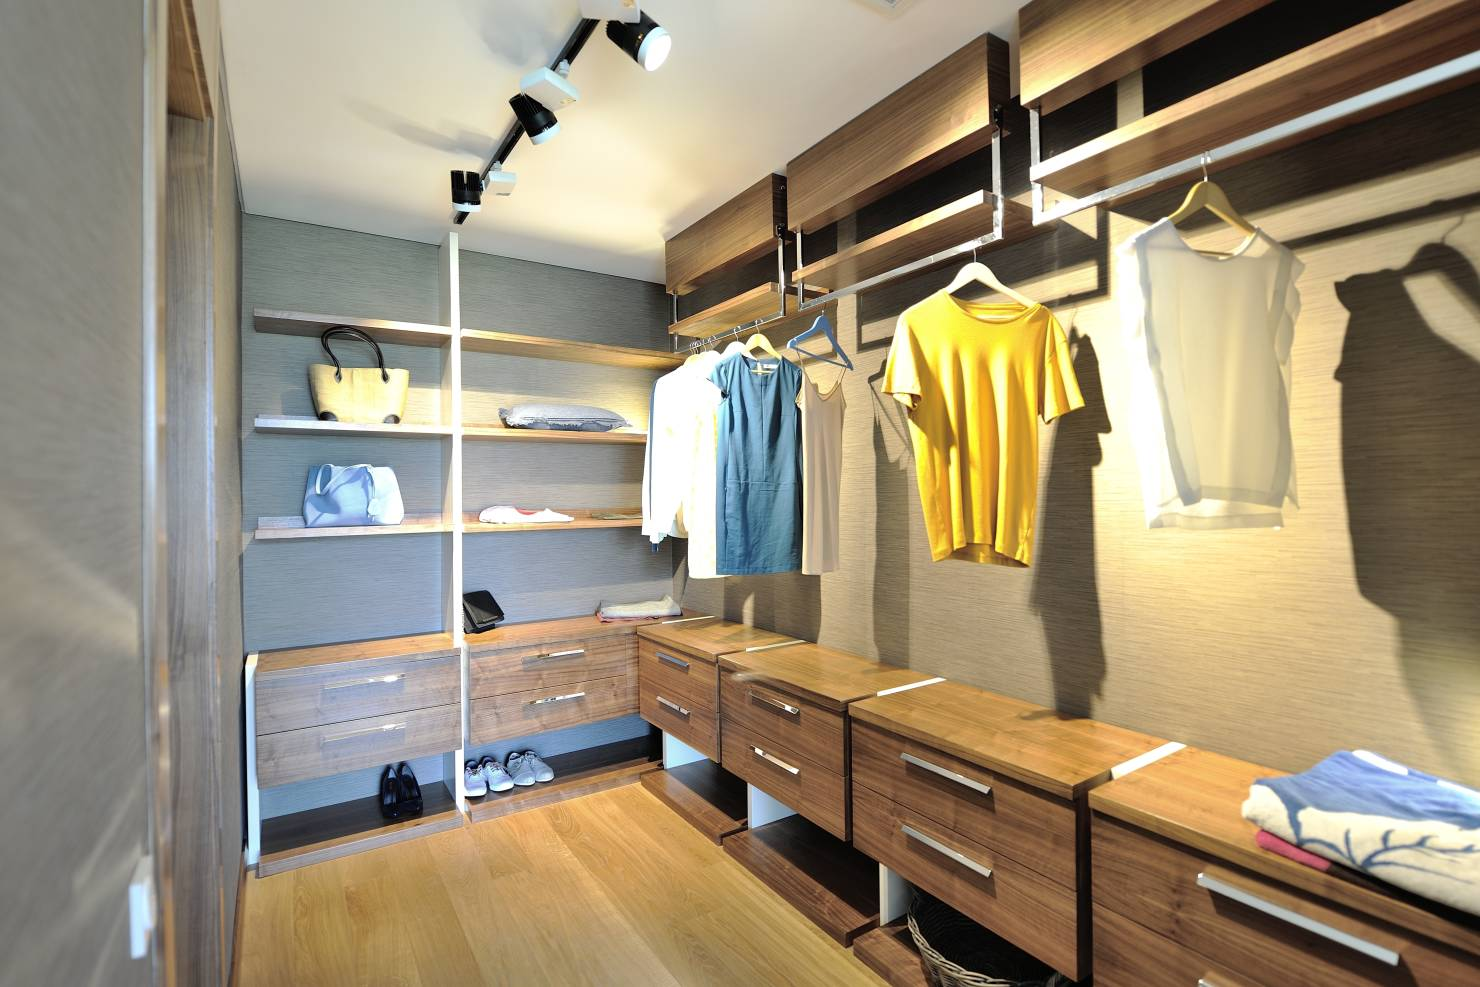 Giyinme Odası Dekorasyonu Ve Modelleri 2019